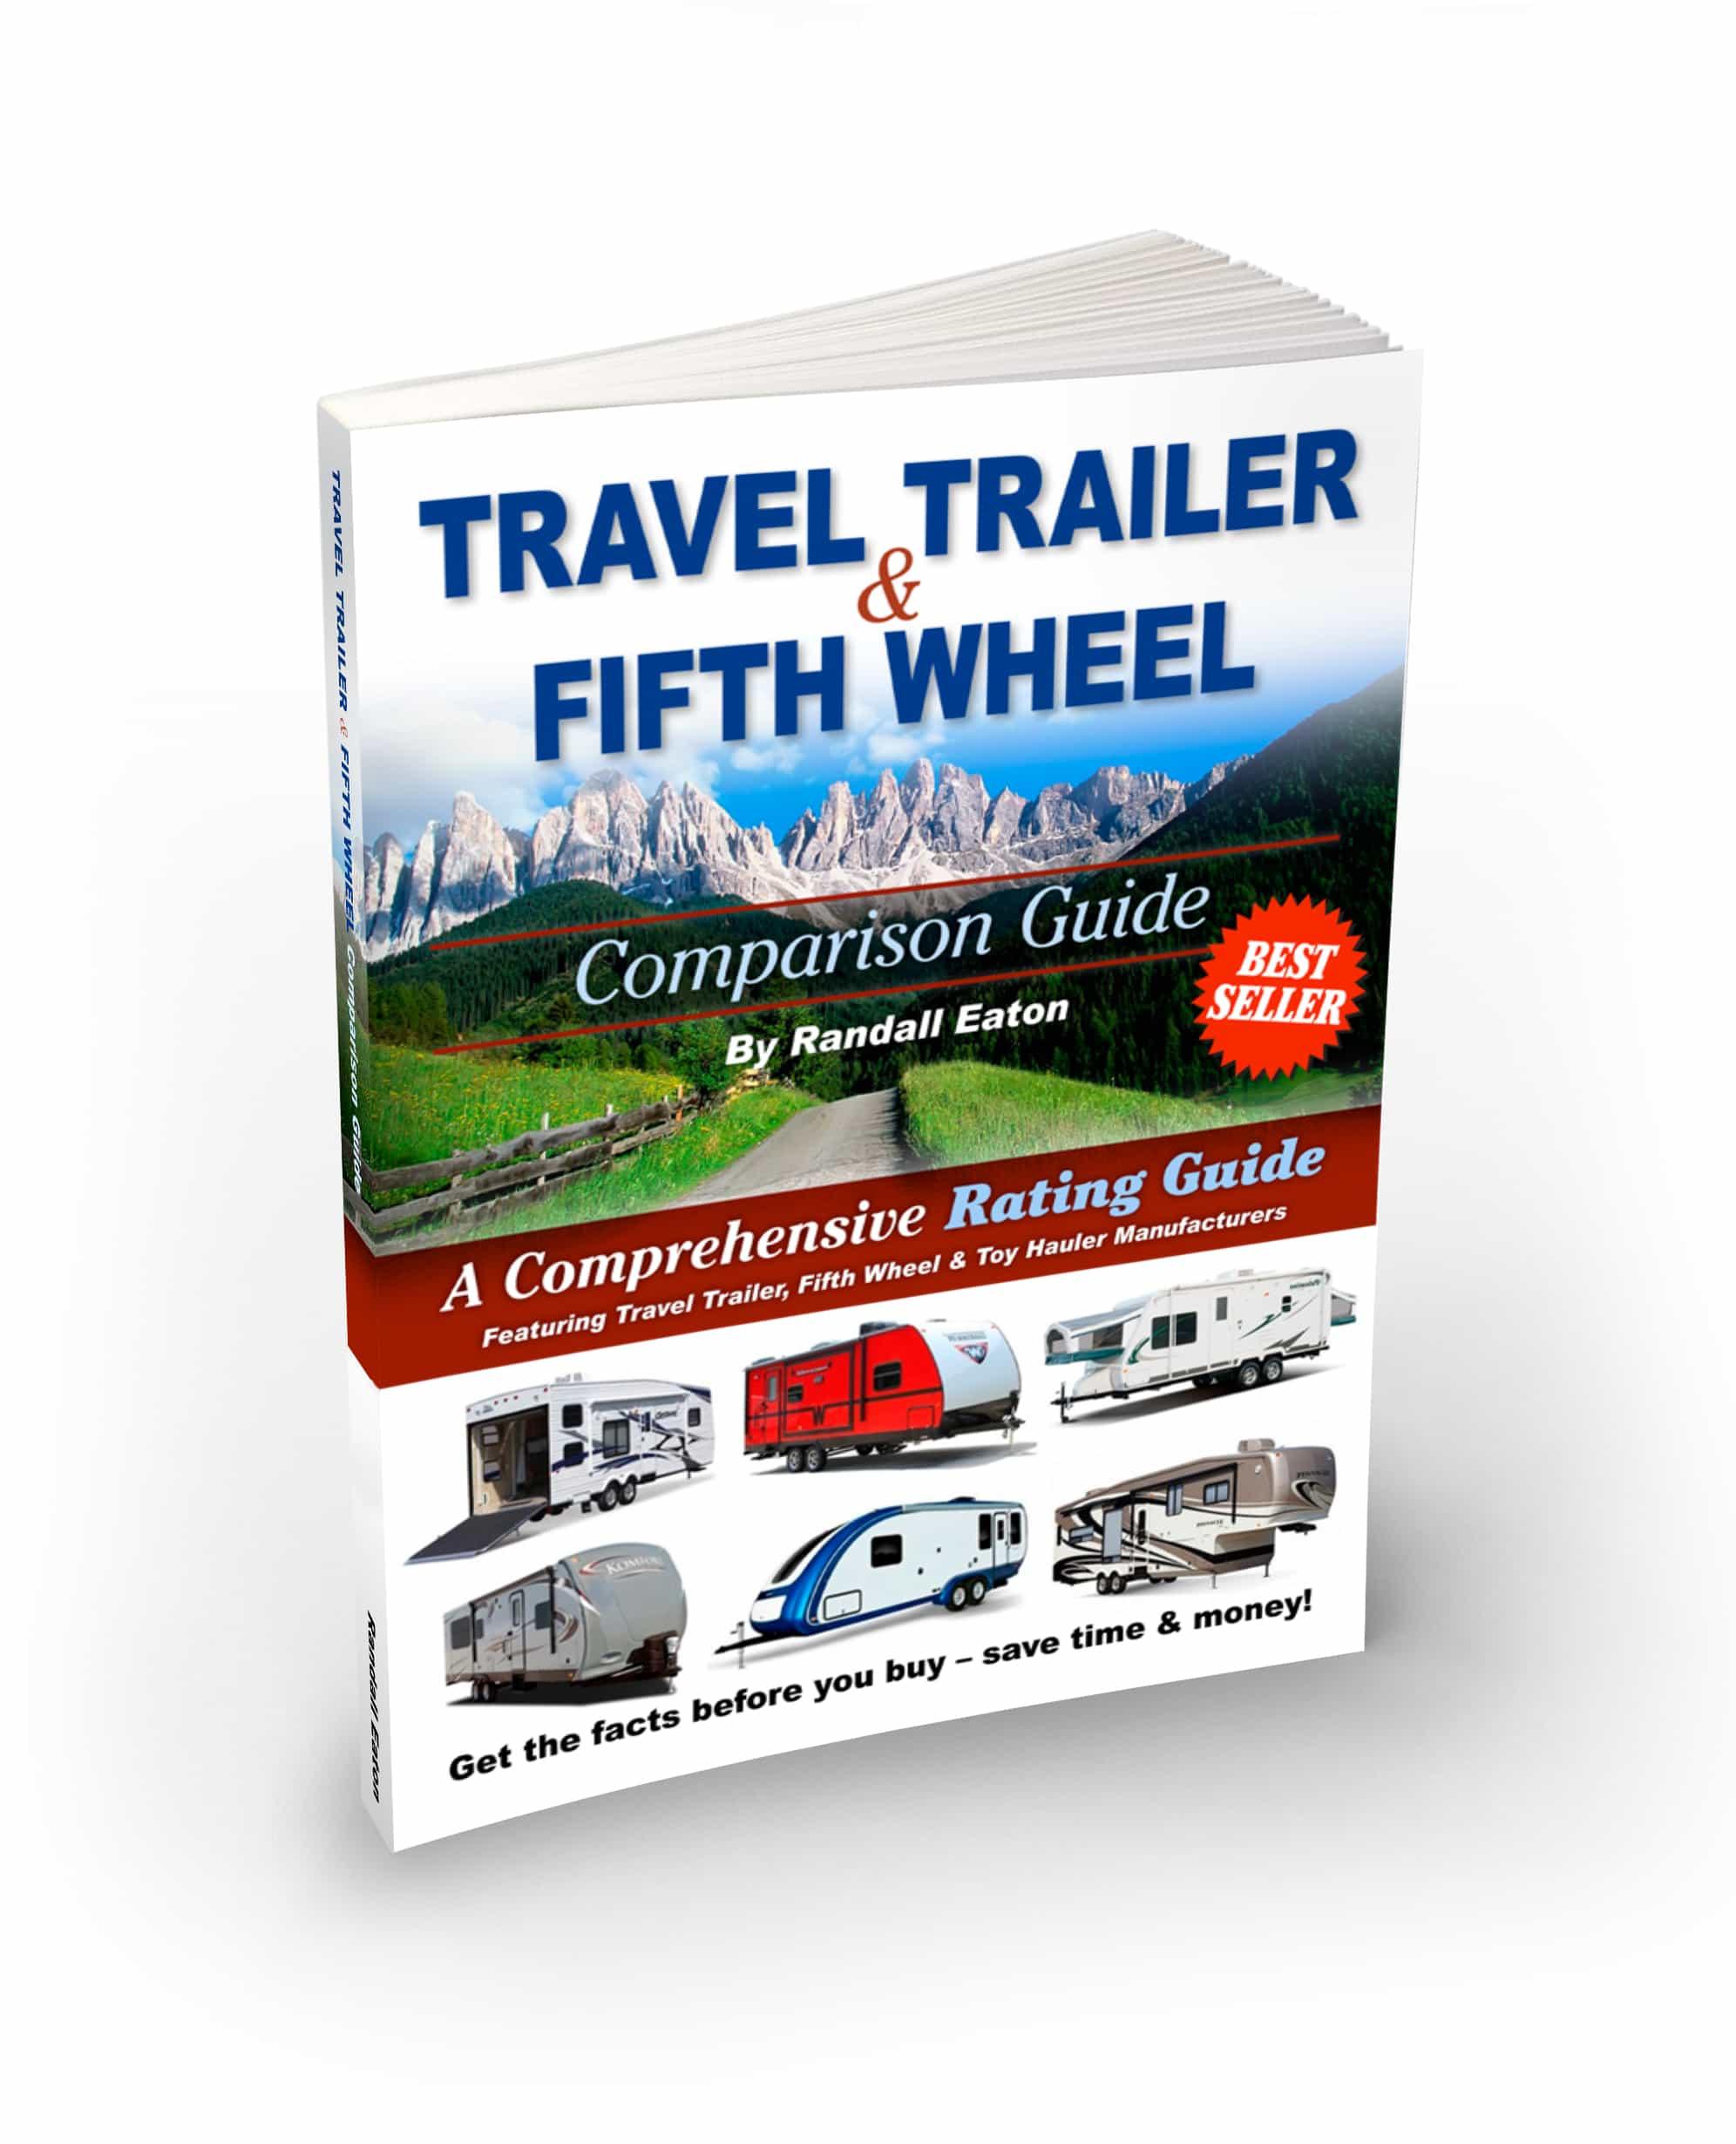 Fifth Wheel Comparison Guide